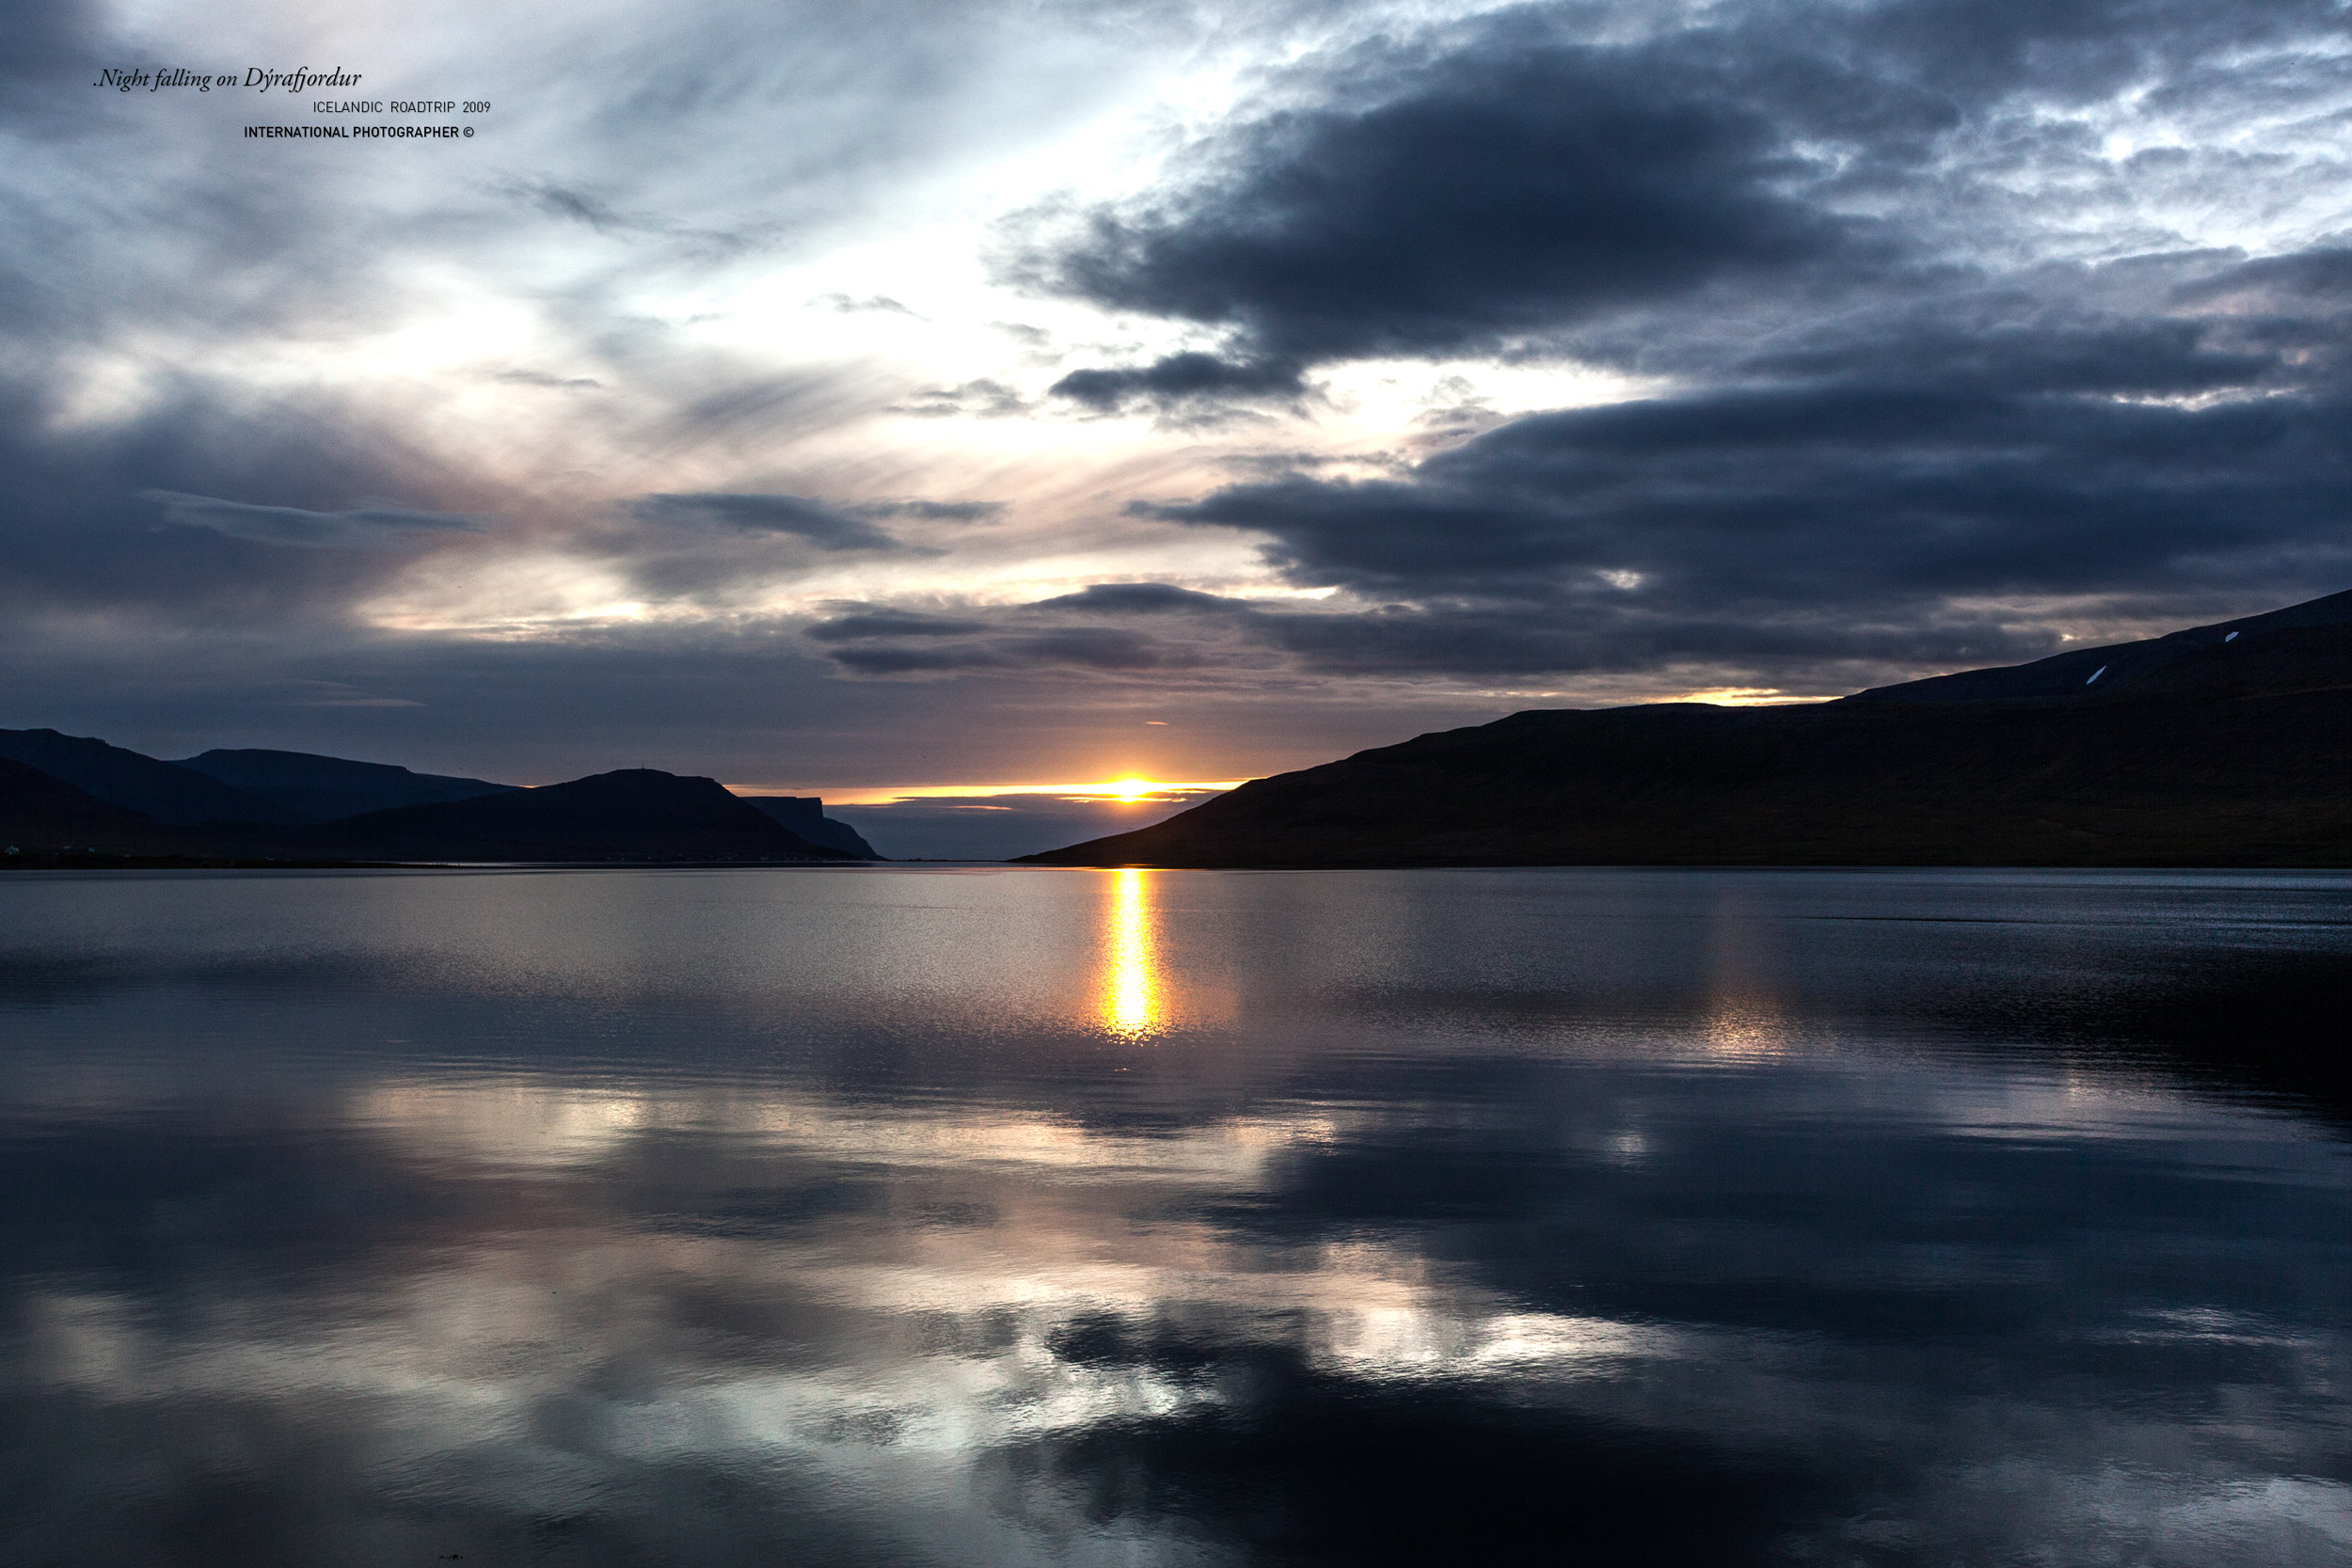 Coucher de soleil sur le Dyrafjordur